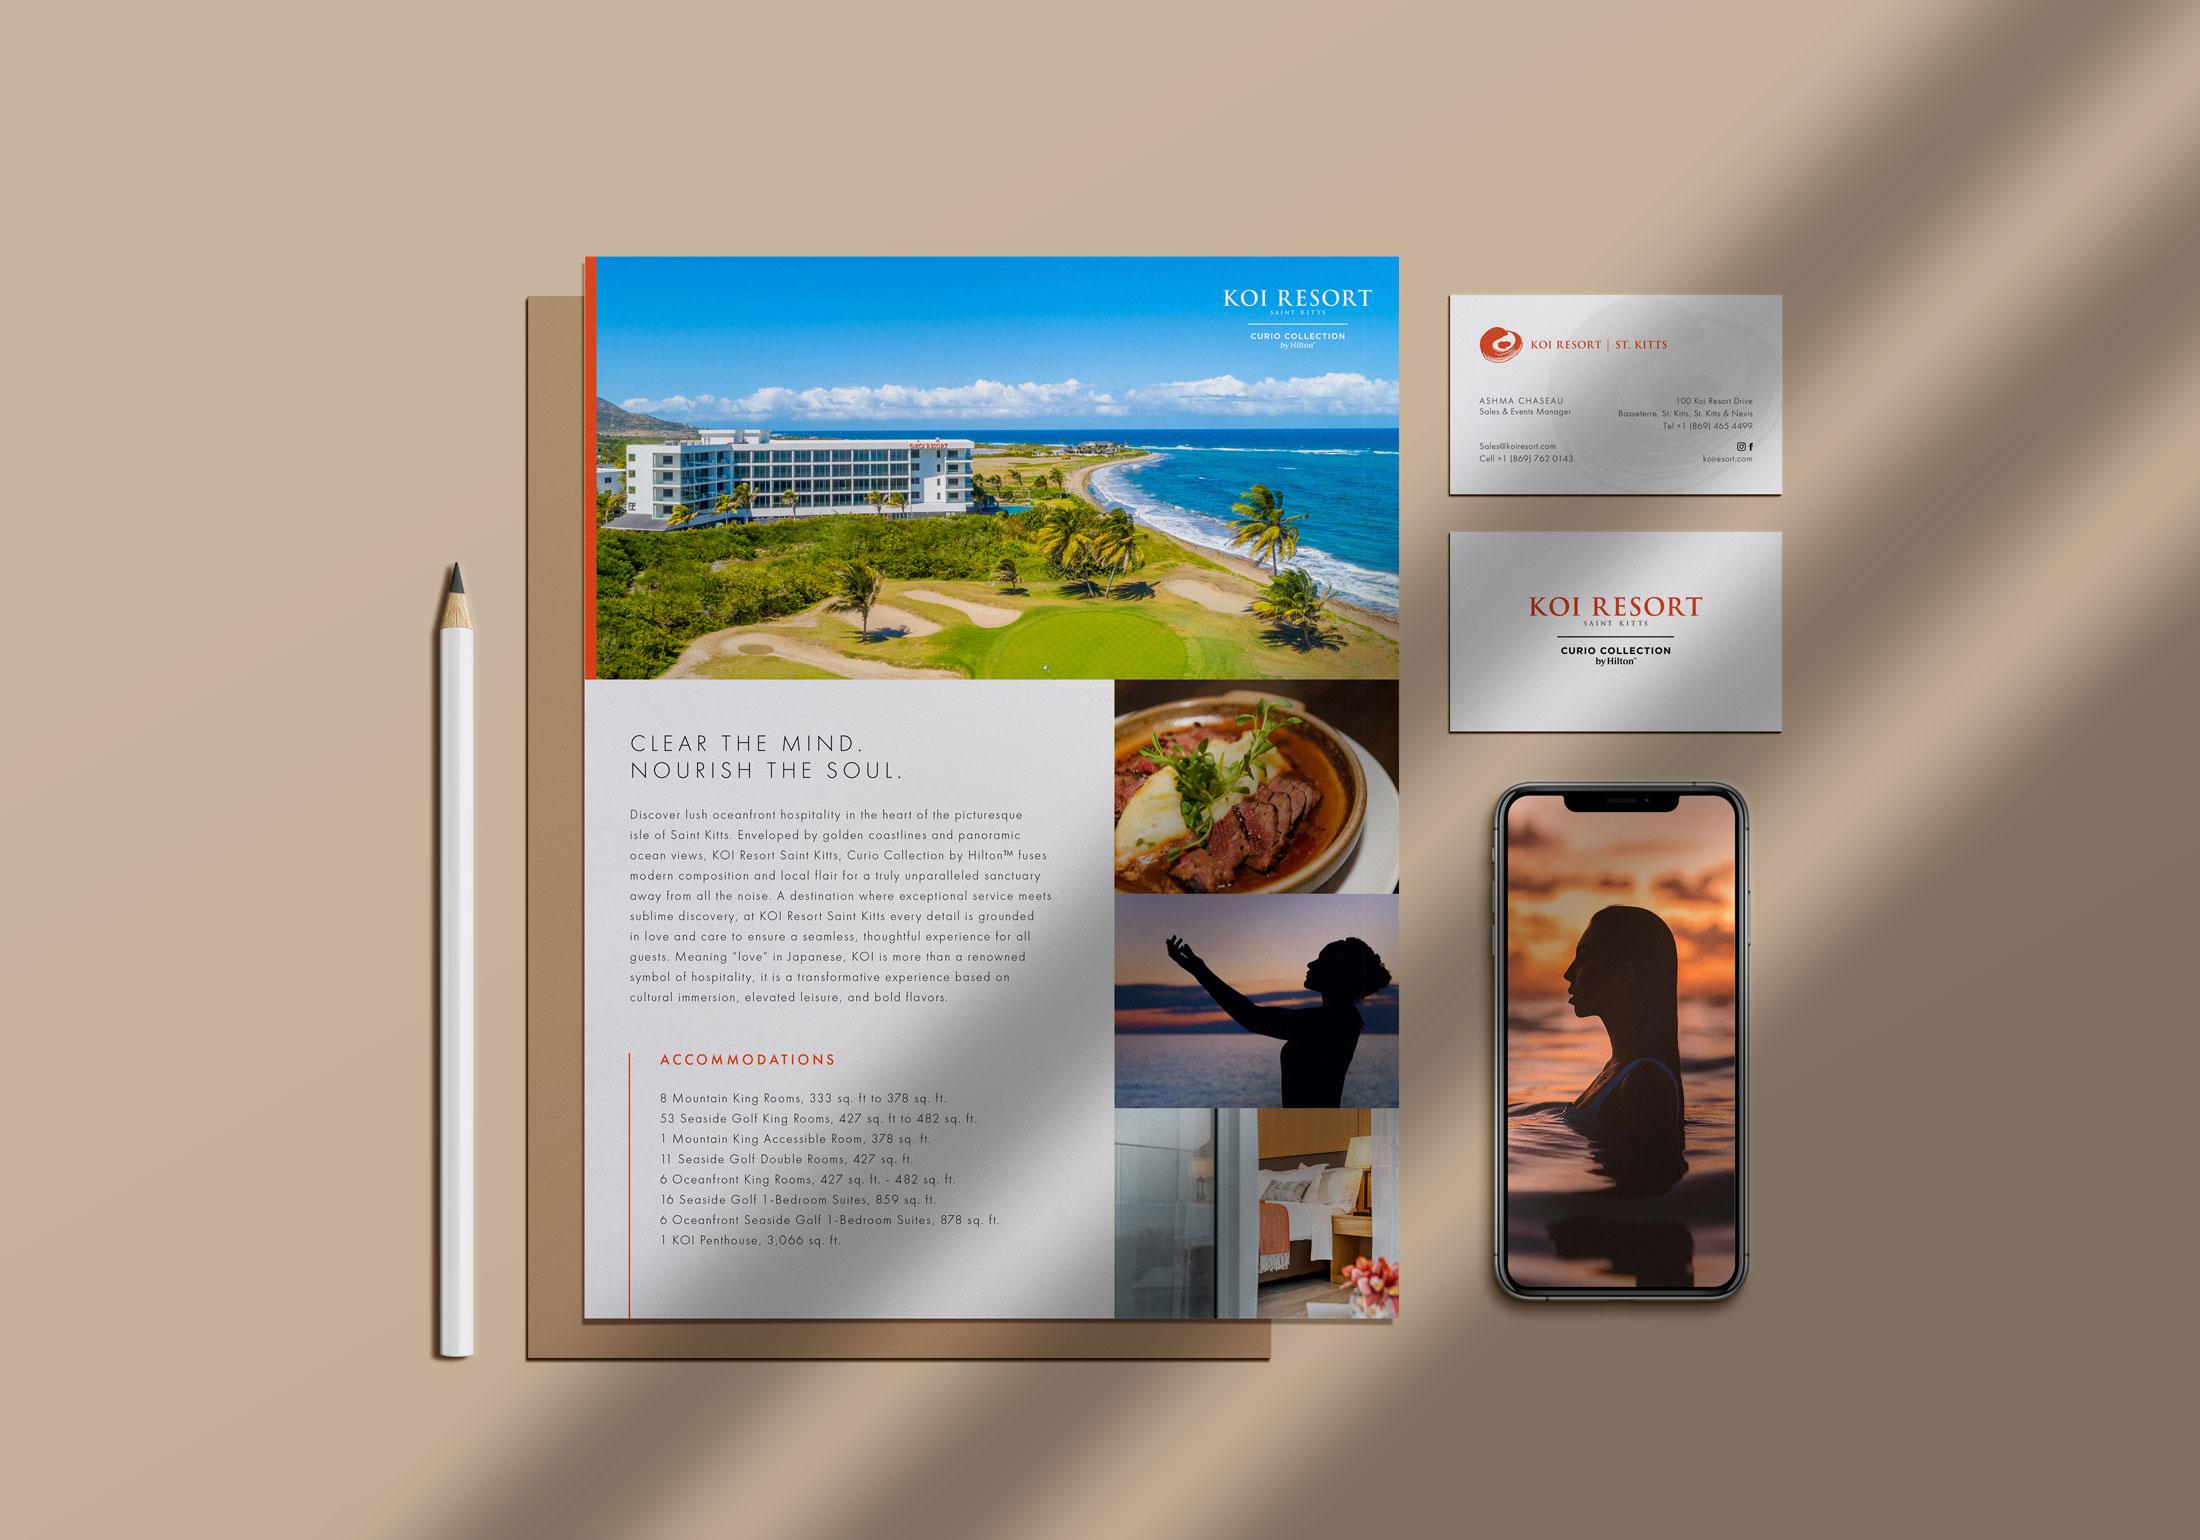 Koi-Resort-The-Brand-Collective-10